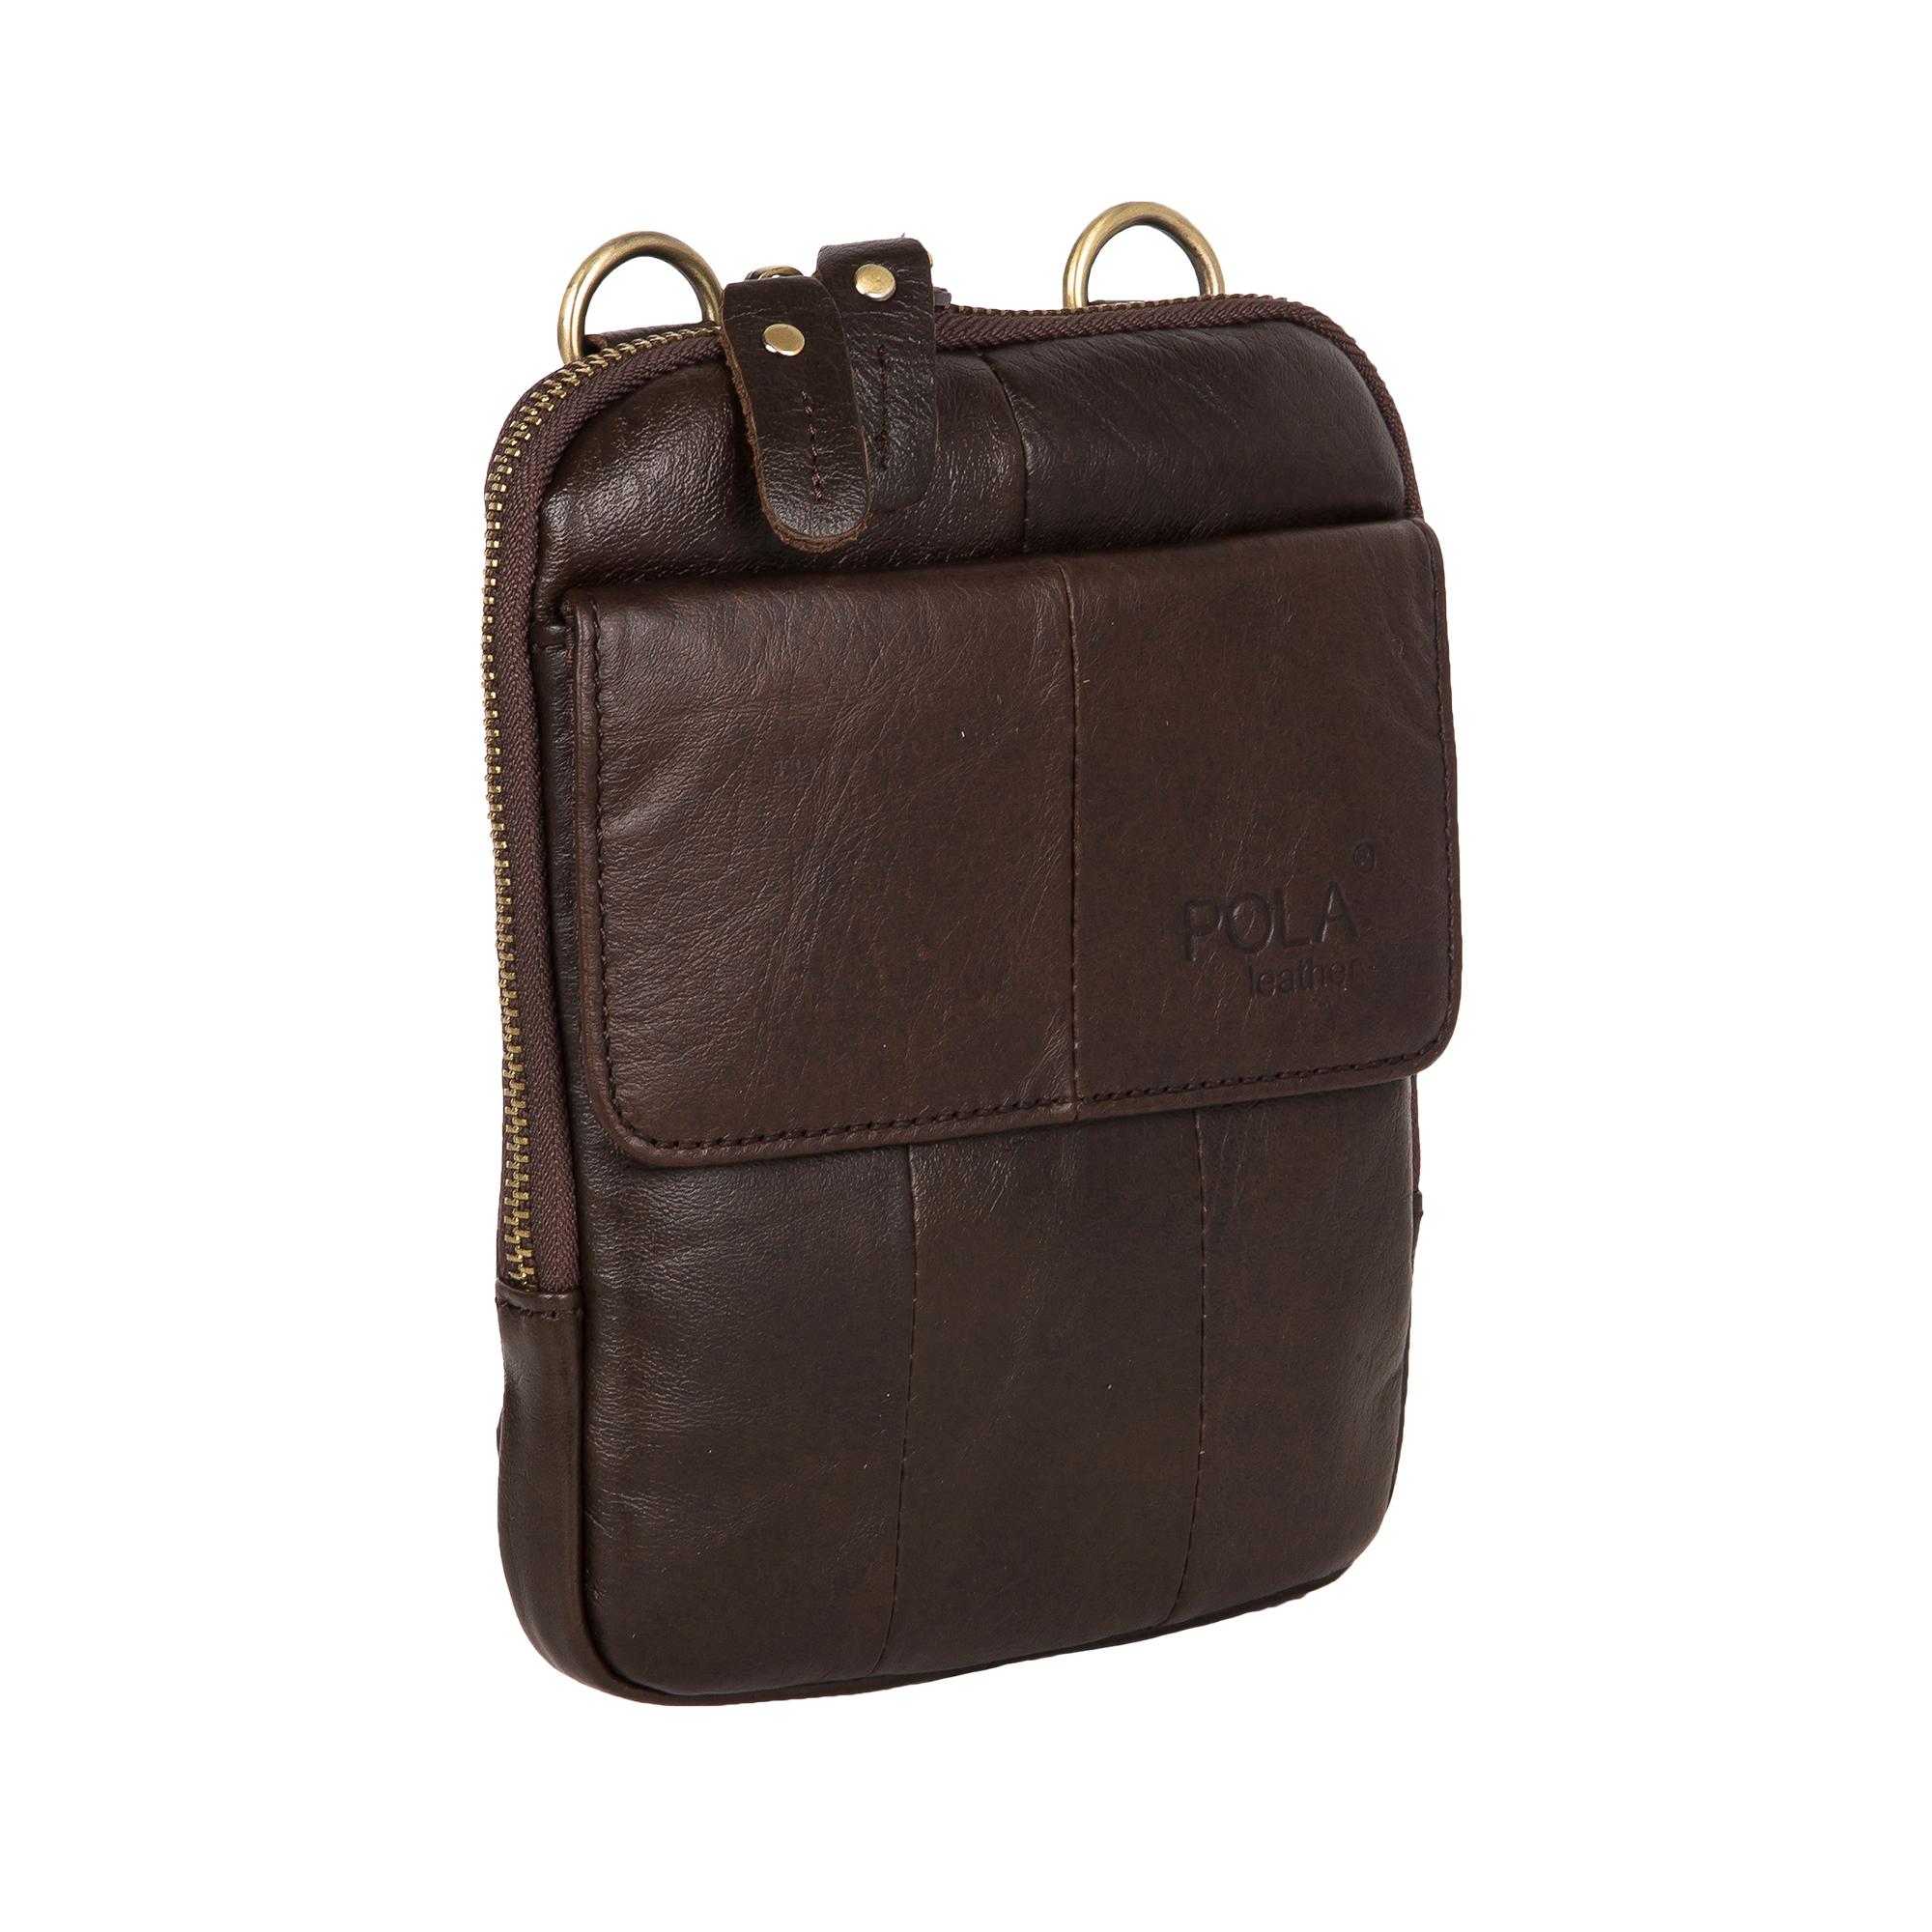 efa64d82ac0d Купить мужские сумки оптом от производителя в Москве - интернет-магазин Pola .ru